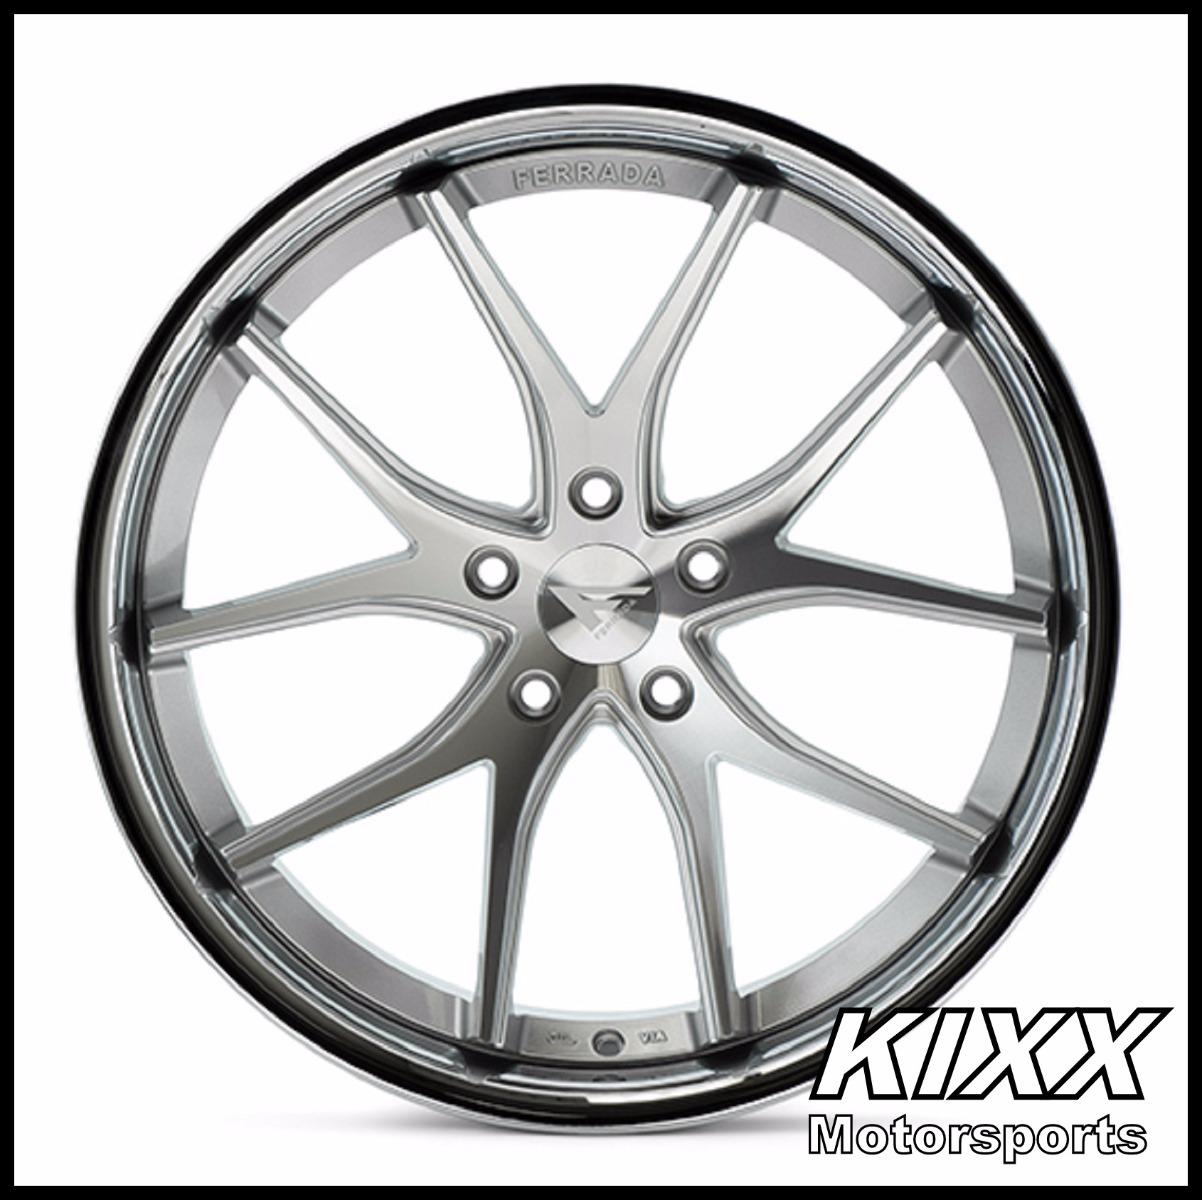 20 ferrada fr2 20x9 20x10 5 silver wheels for ford mustang gt gt500 Shelby Cobra Classic 20 ferrada fr2 20x9 20x10 5 silver wheels for ford mustang gt gt500 shelby